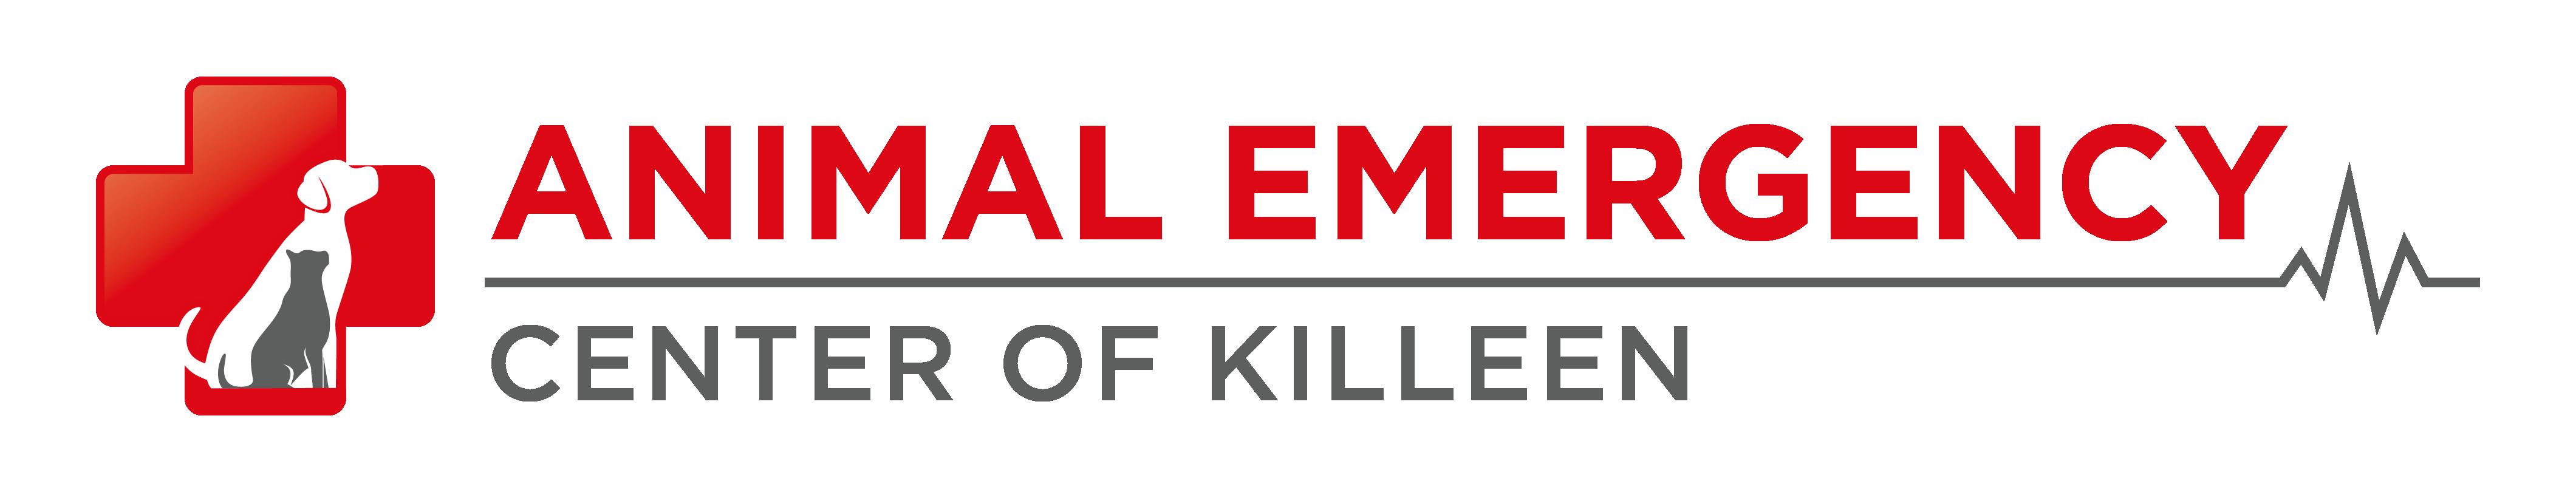 Animal Emergency Center of Killeen